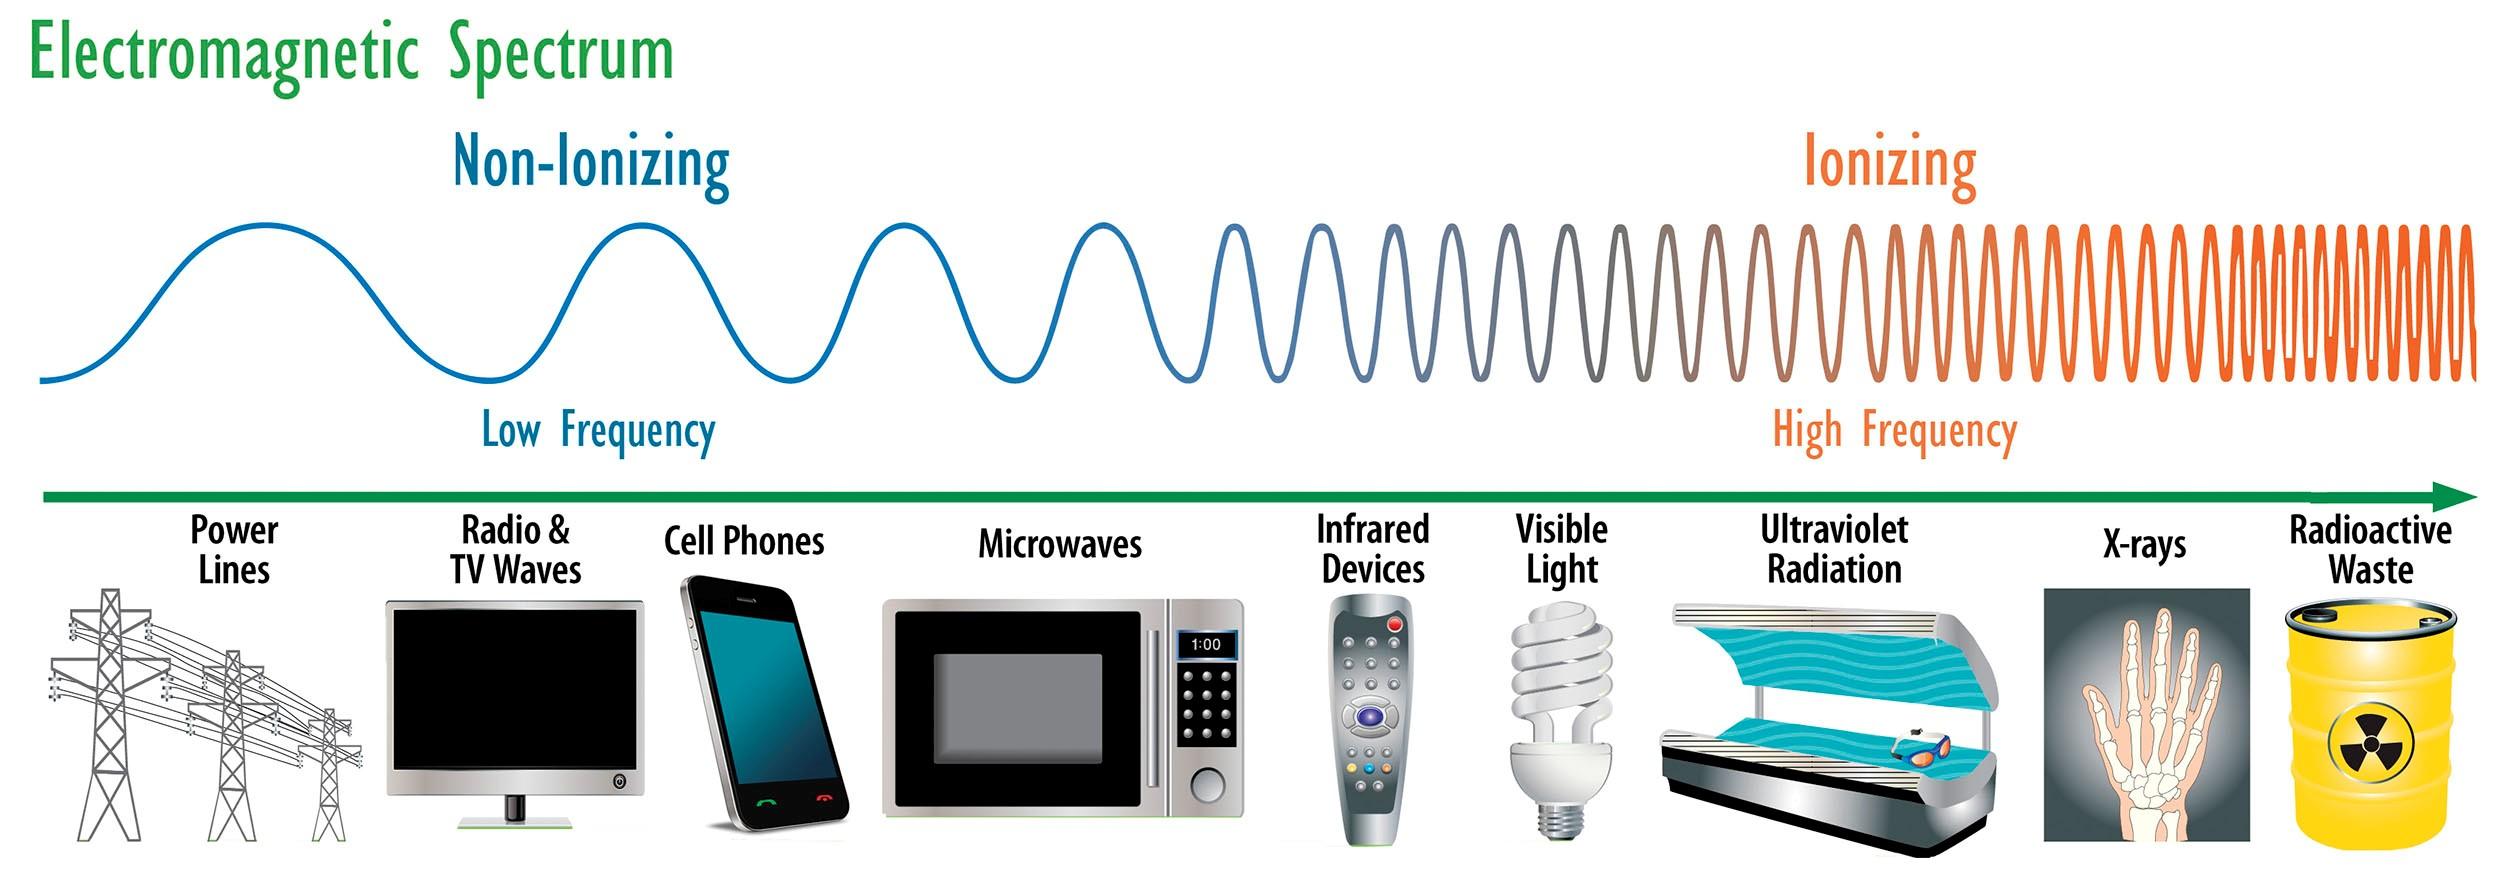 electrospectrum.jpg